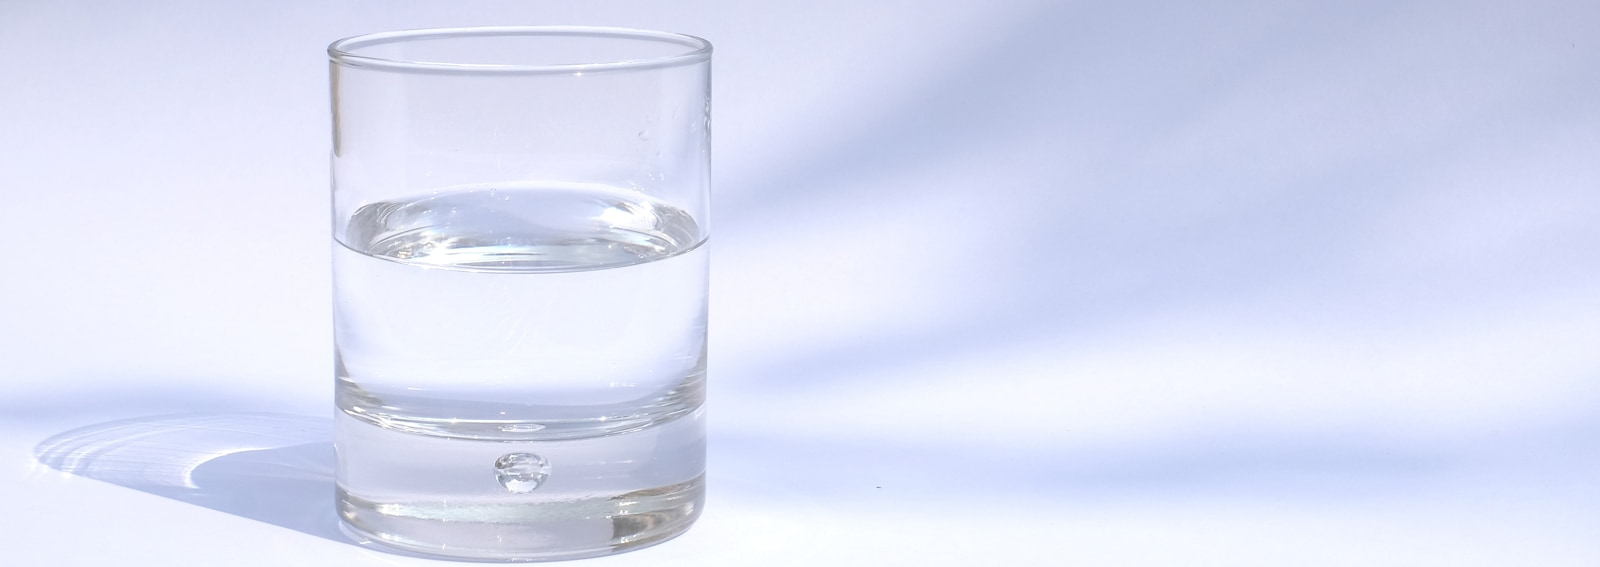 visore-dieta-acqua-giapponeseDESK